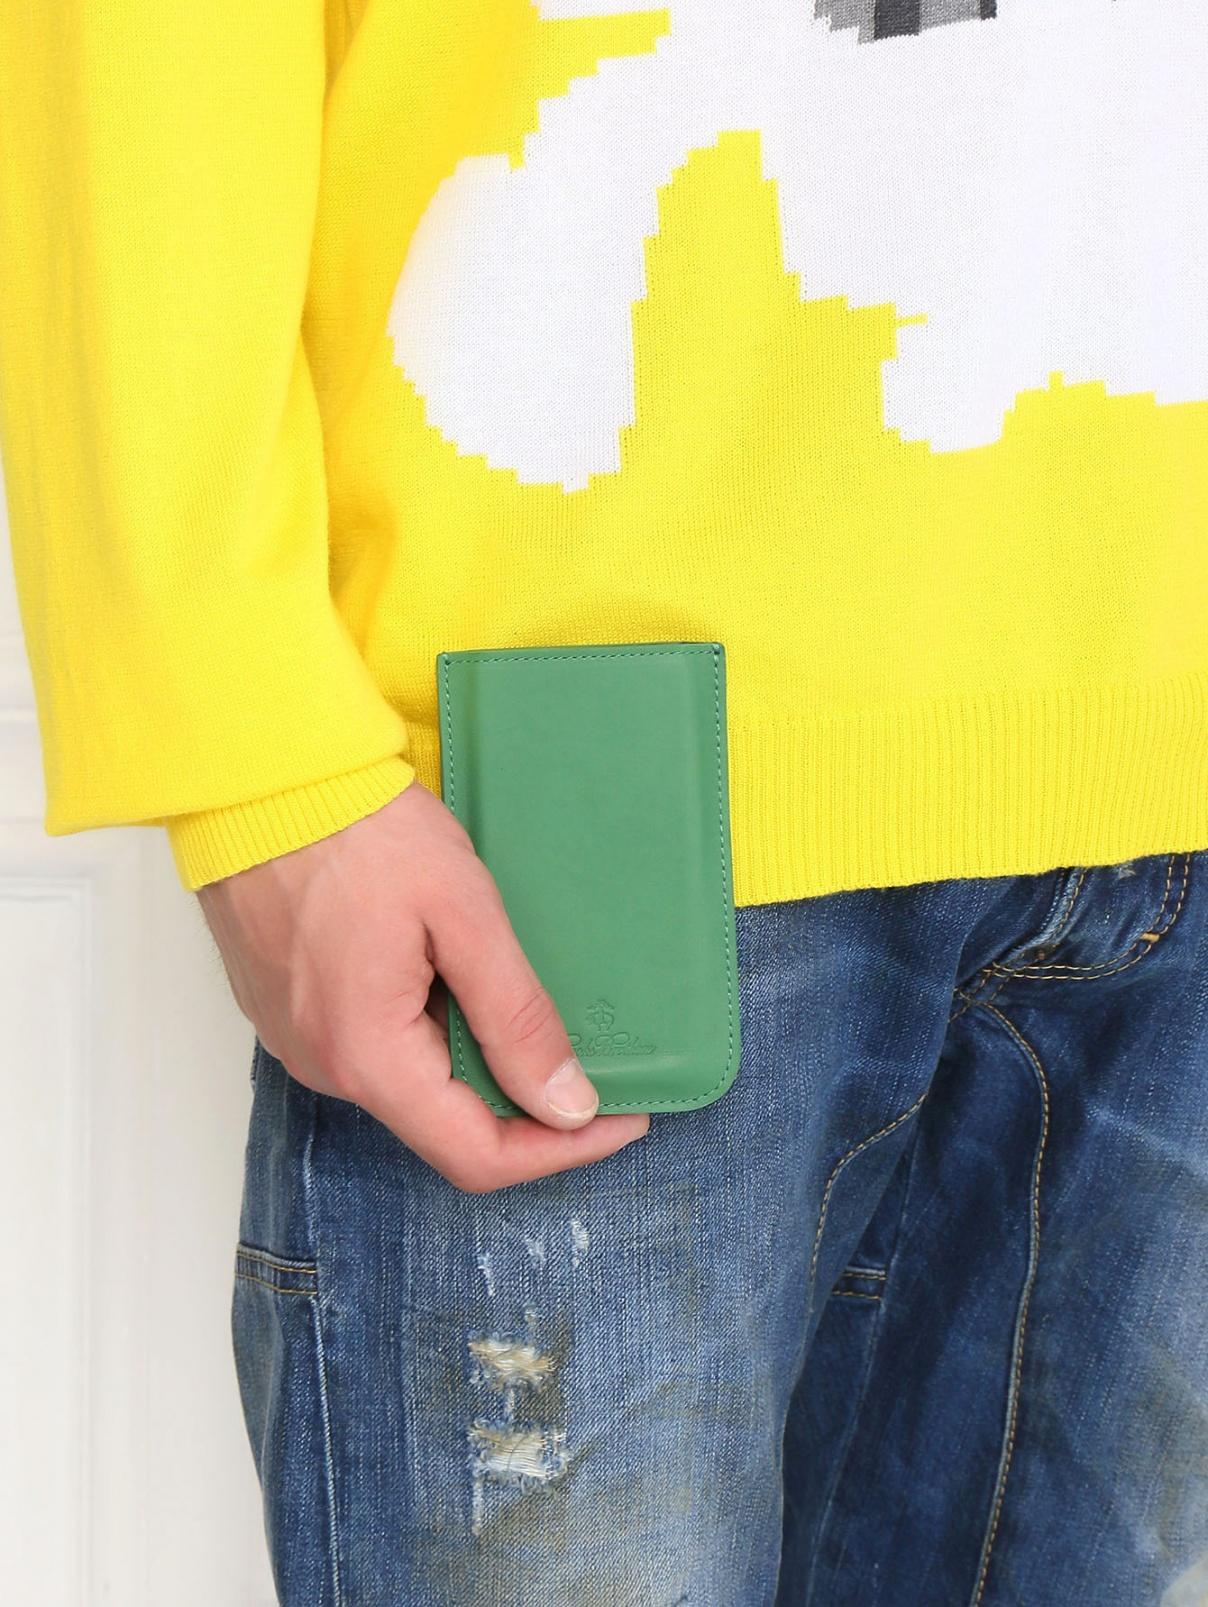 Чехол для Samsung из кожи Brooks Brothers  –  Модель Общий вид  – Цвет:  Зеленый